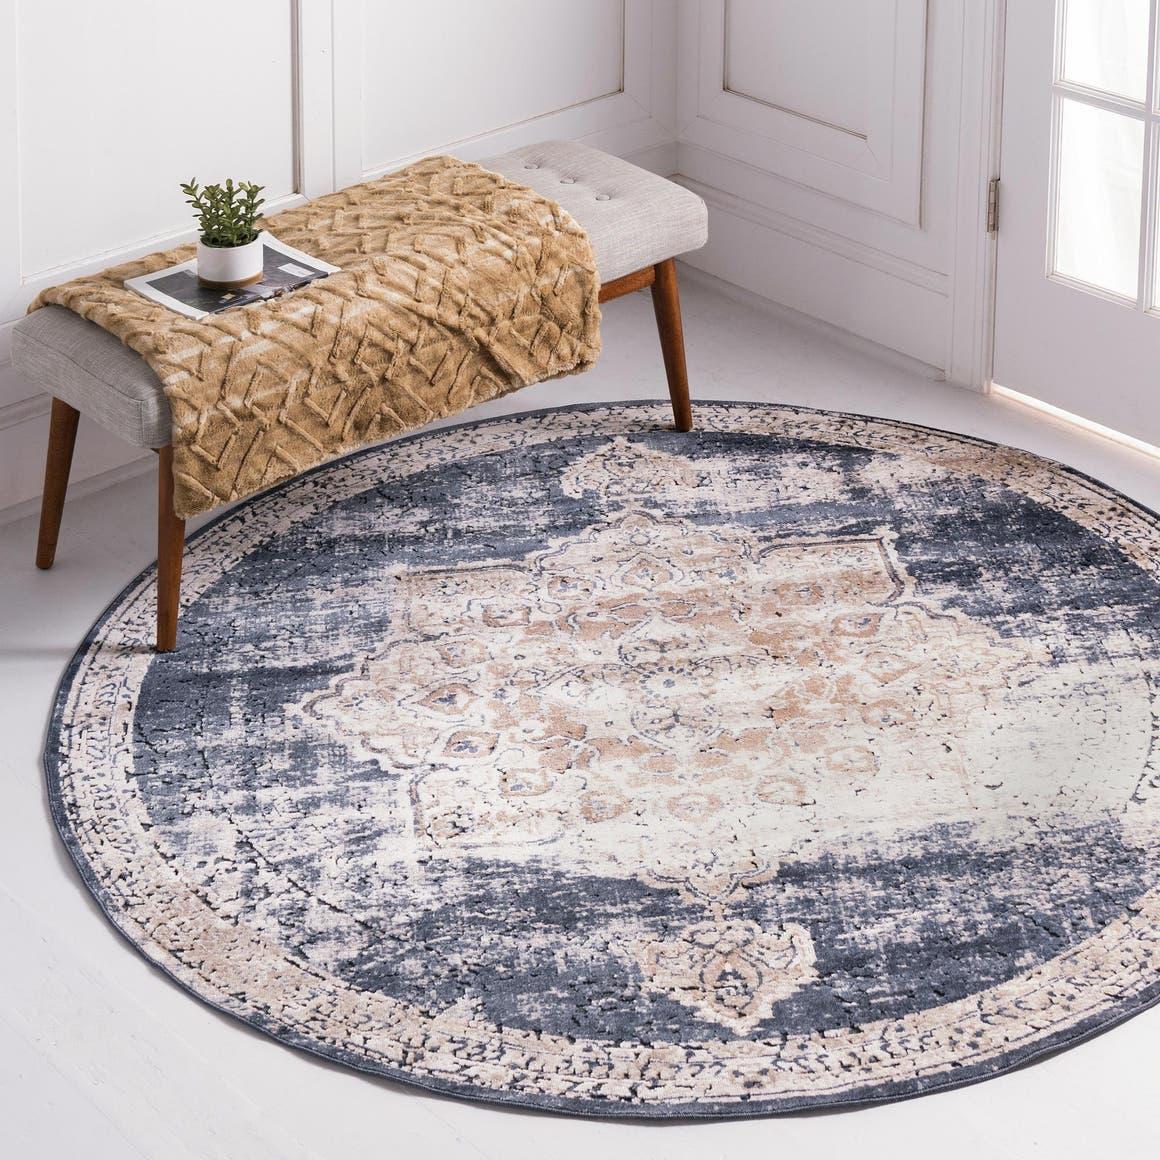 Round Rugs Gallery - rugdubai.com (Internal Page)